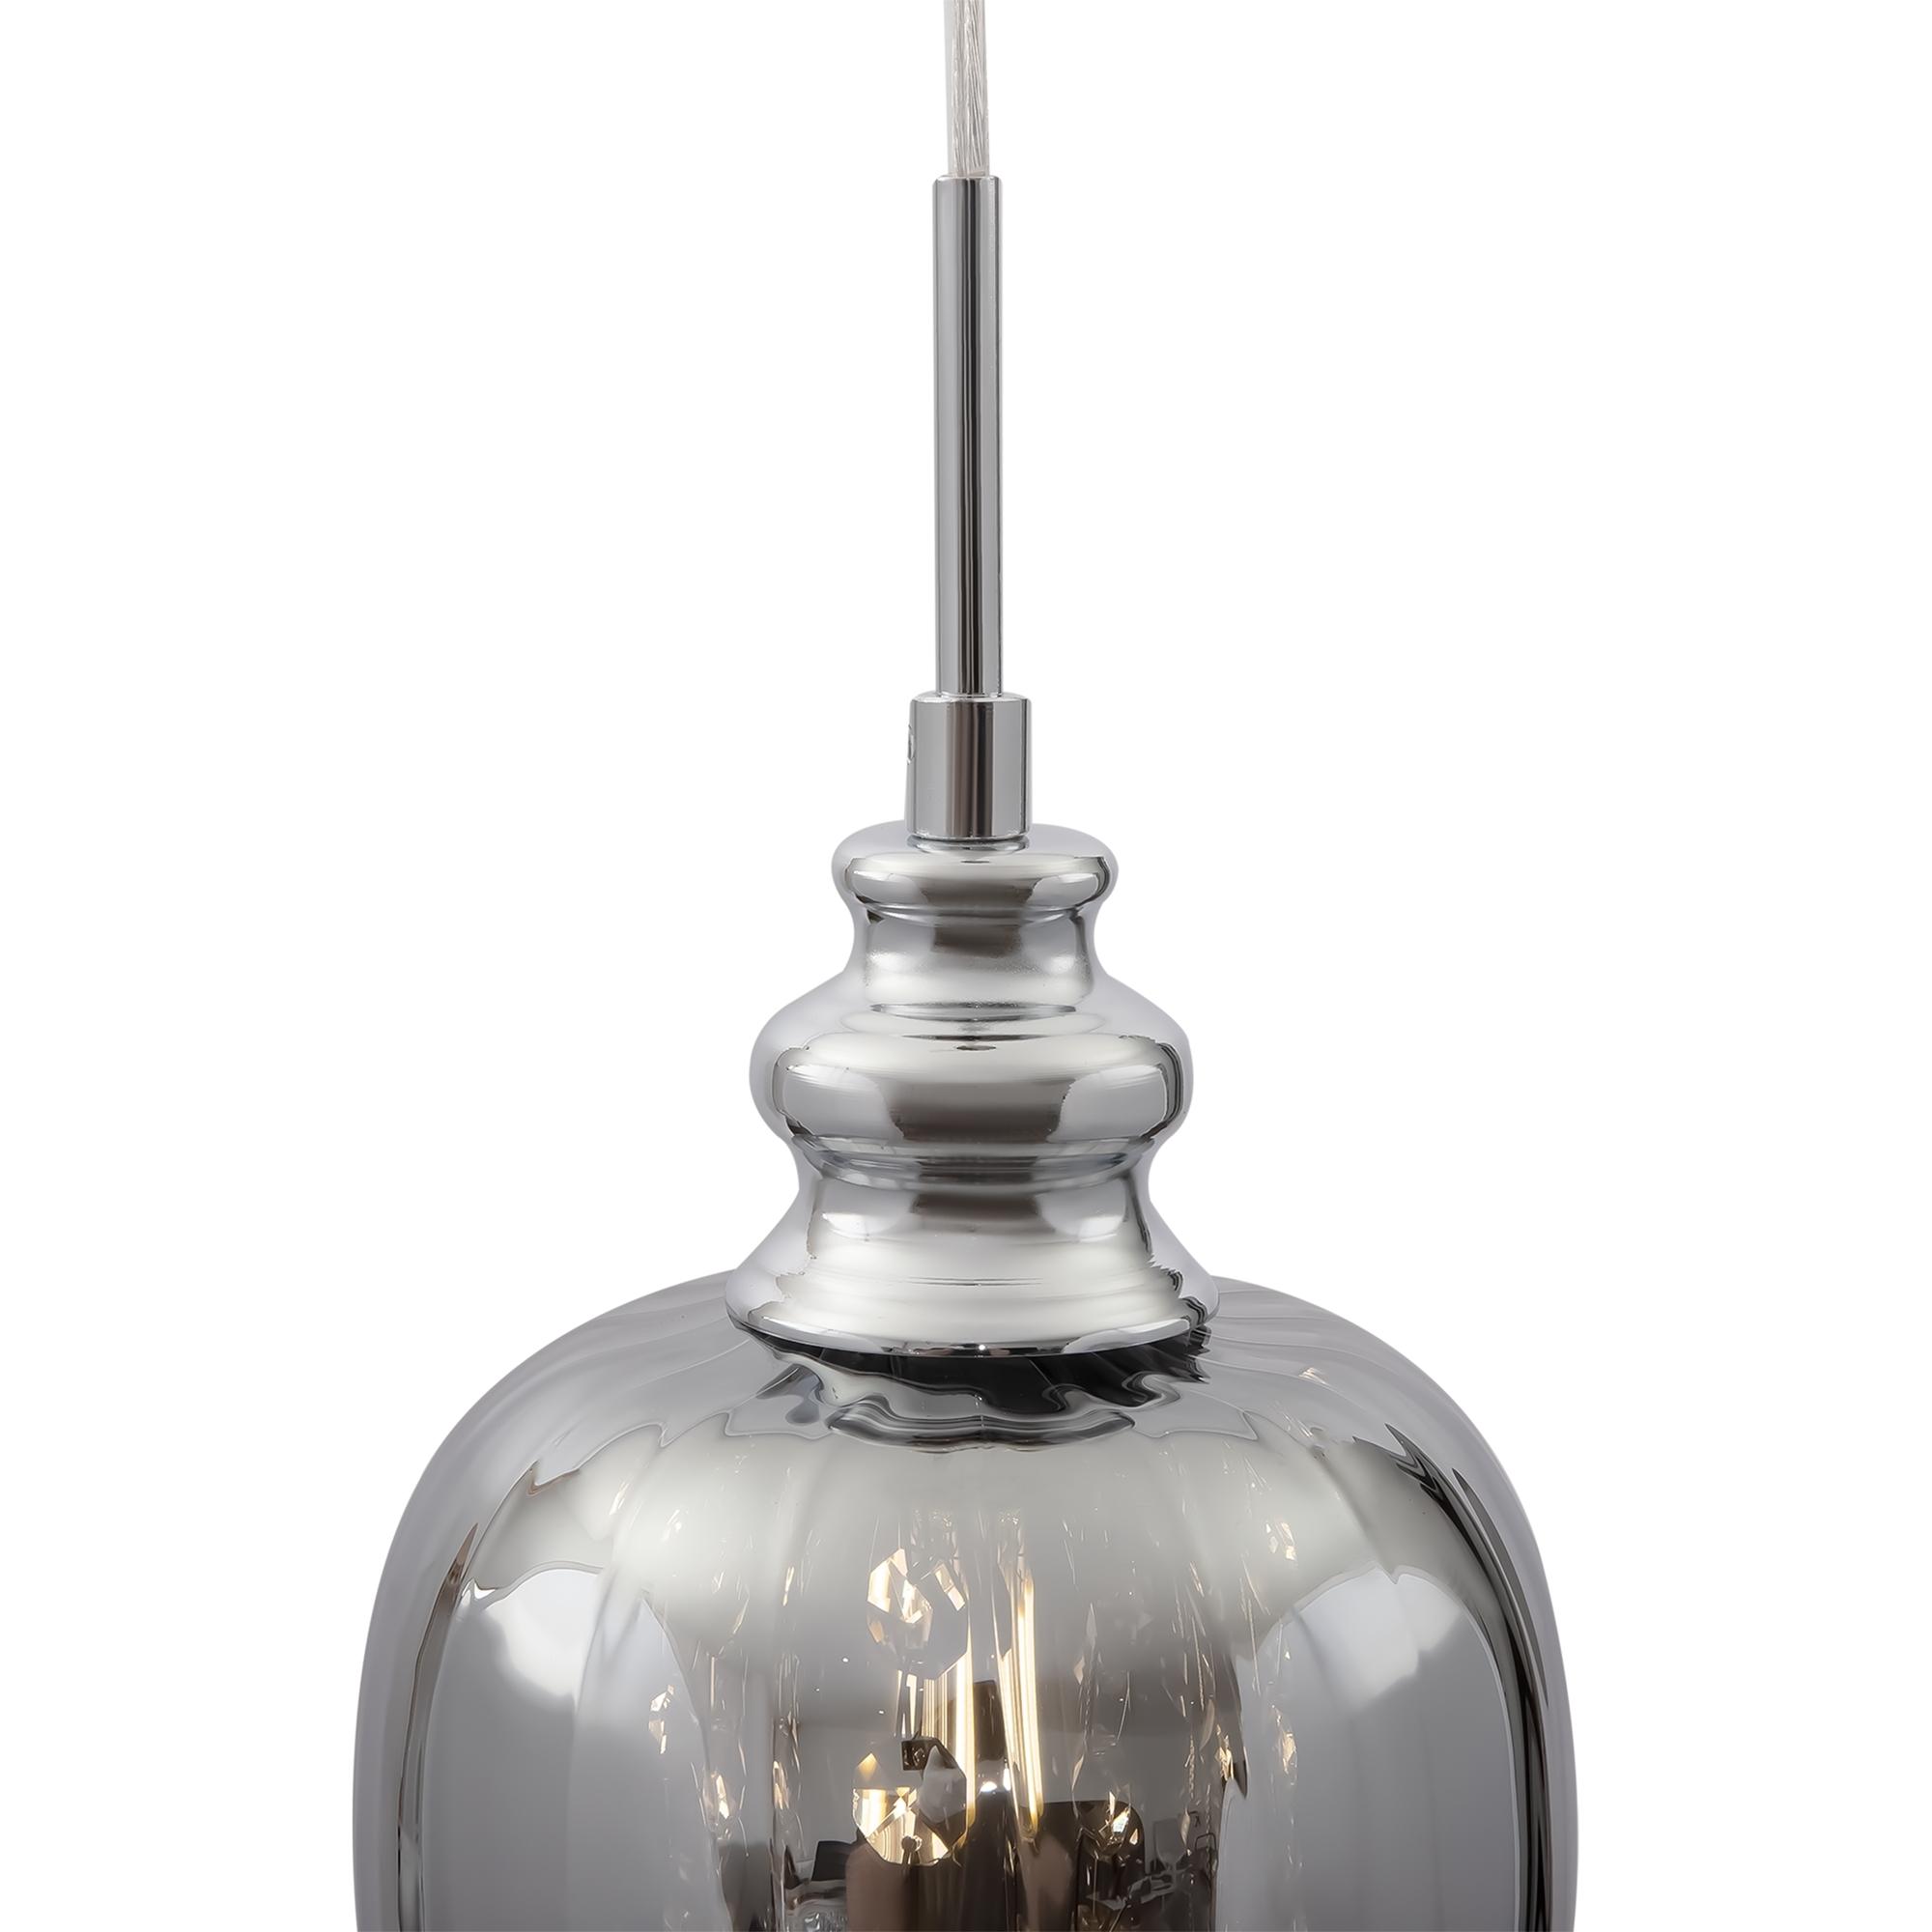 Подвесной светильник Maytoni Blues MOD033-PL-01-N (F003-11-N), 1xE14x40W, никель, дымчатый, прозрачный, металл, стекло, хрусталь - фото 5